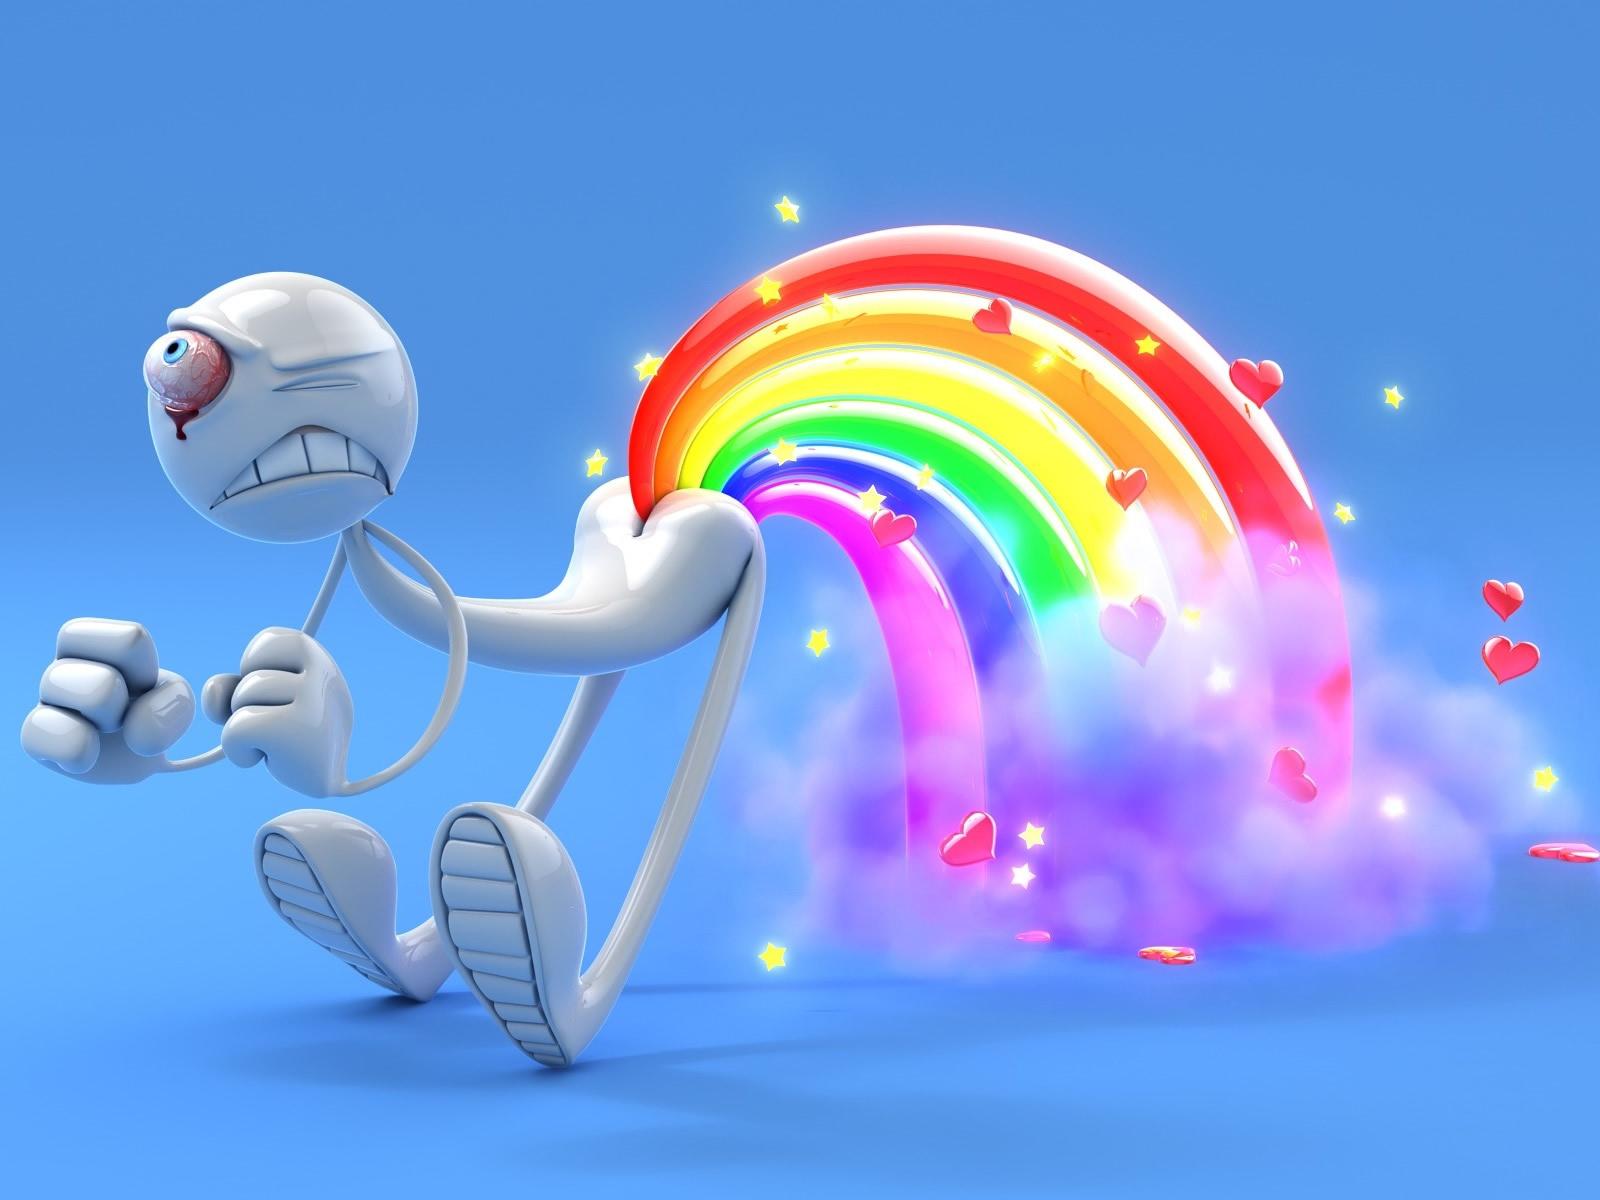 http://1.bp.blogspot.com/-Ke5KwM4OPjs/UN8LOvxmmMI/AAAAAAAABSw/rsfBWkVuM0s/s1600/color-3D-Wallpapers.jpg